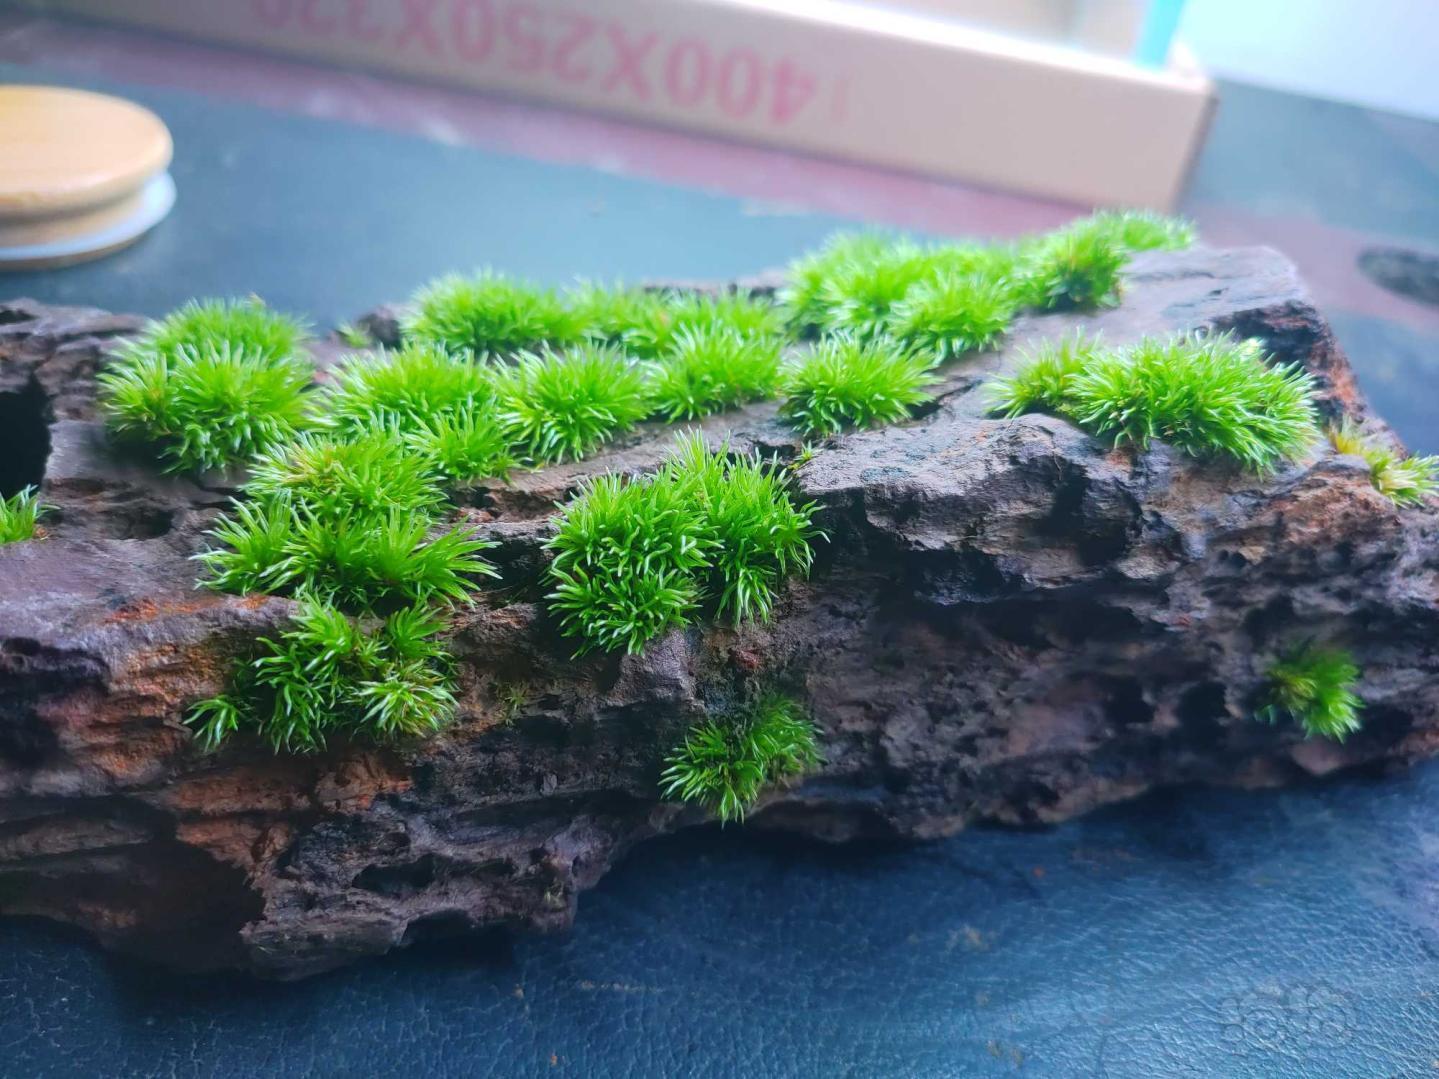 【苔藓】石头长满了,该换块石头重新养了-图3